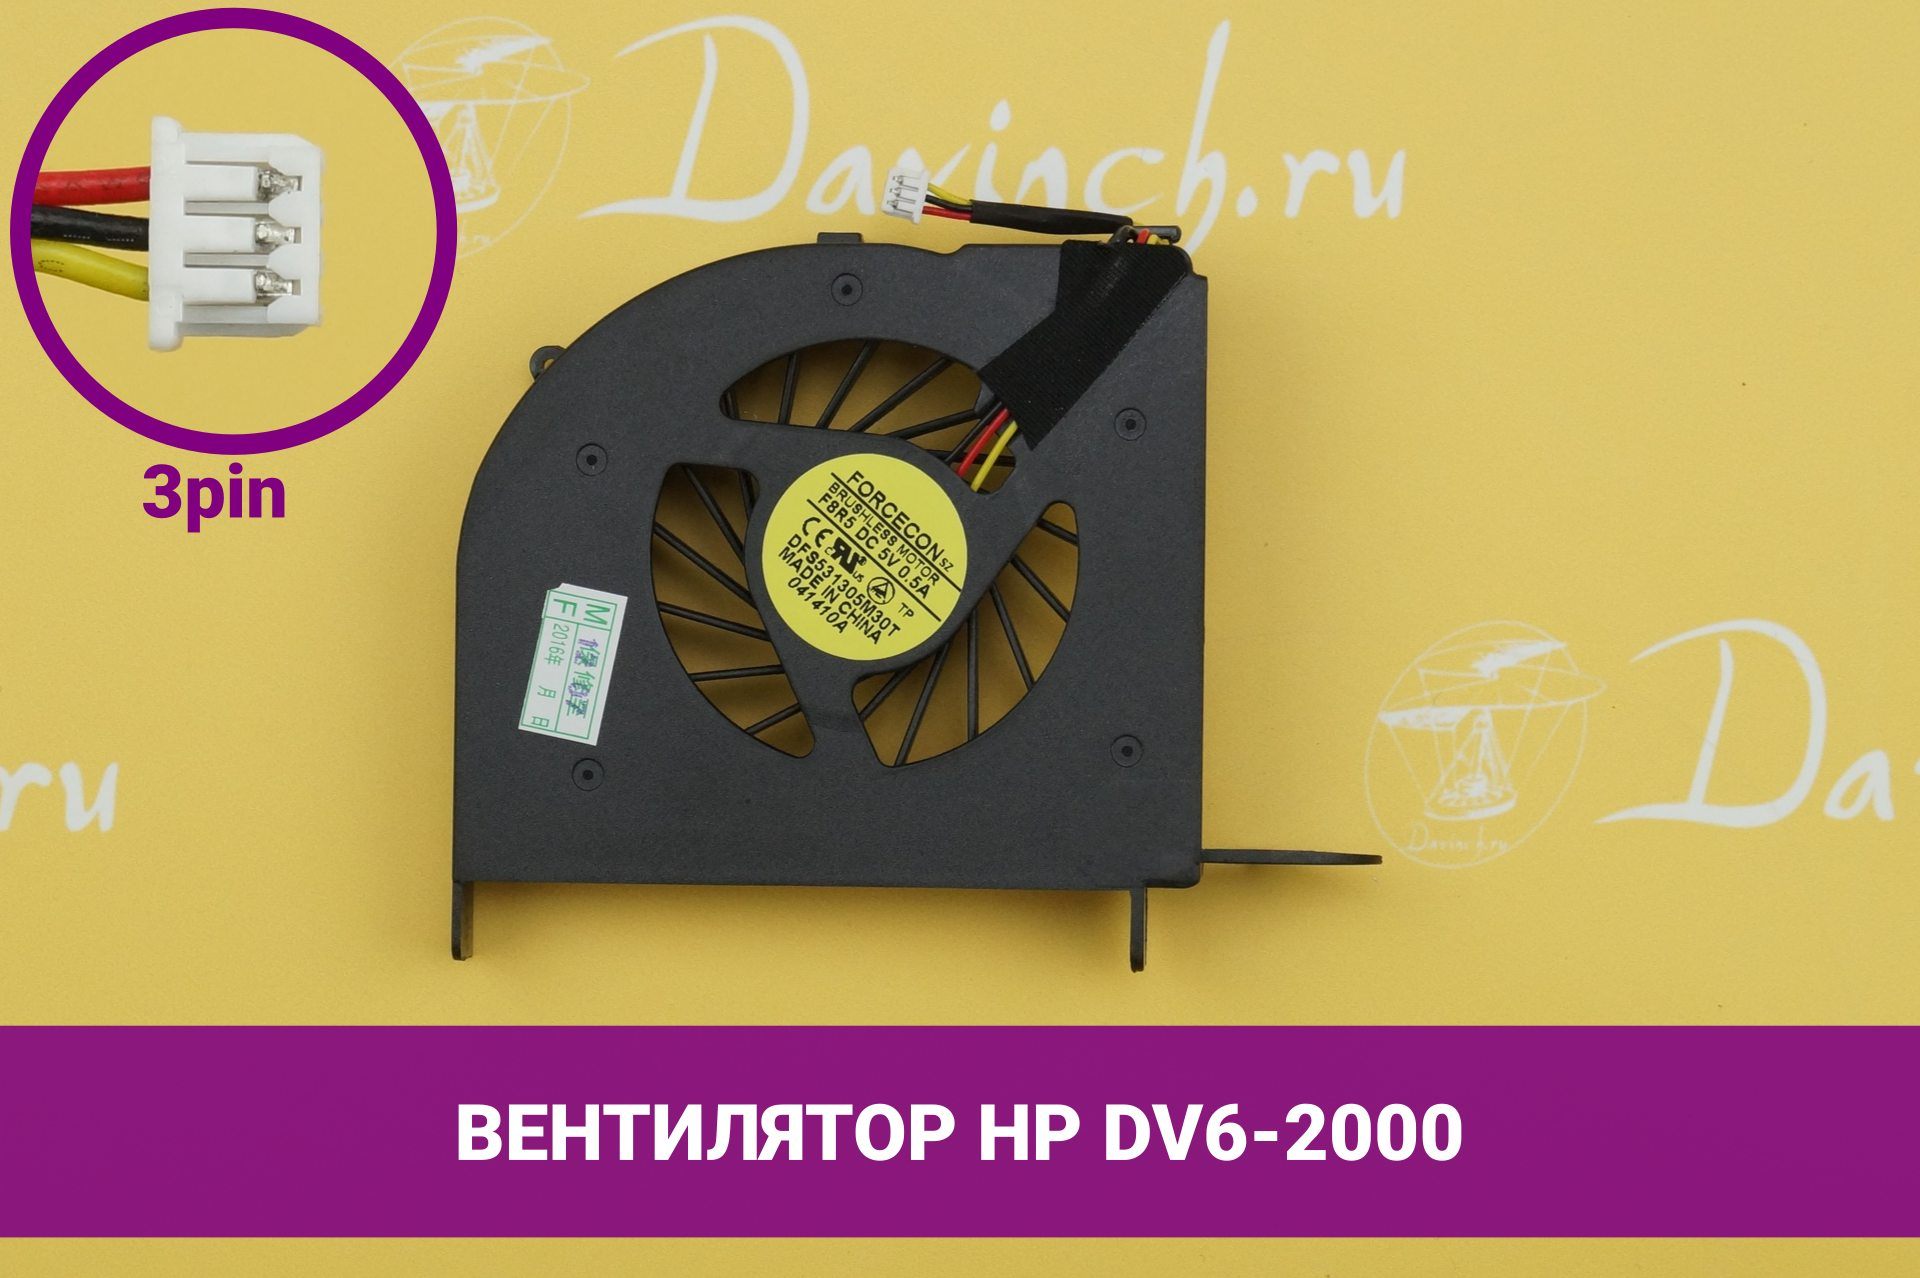 Вентилятор для ноутбука HP Pavilion dv6-2000